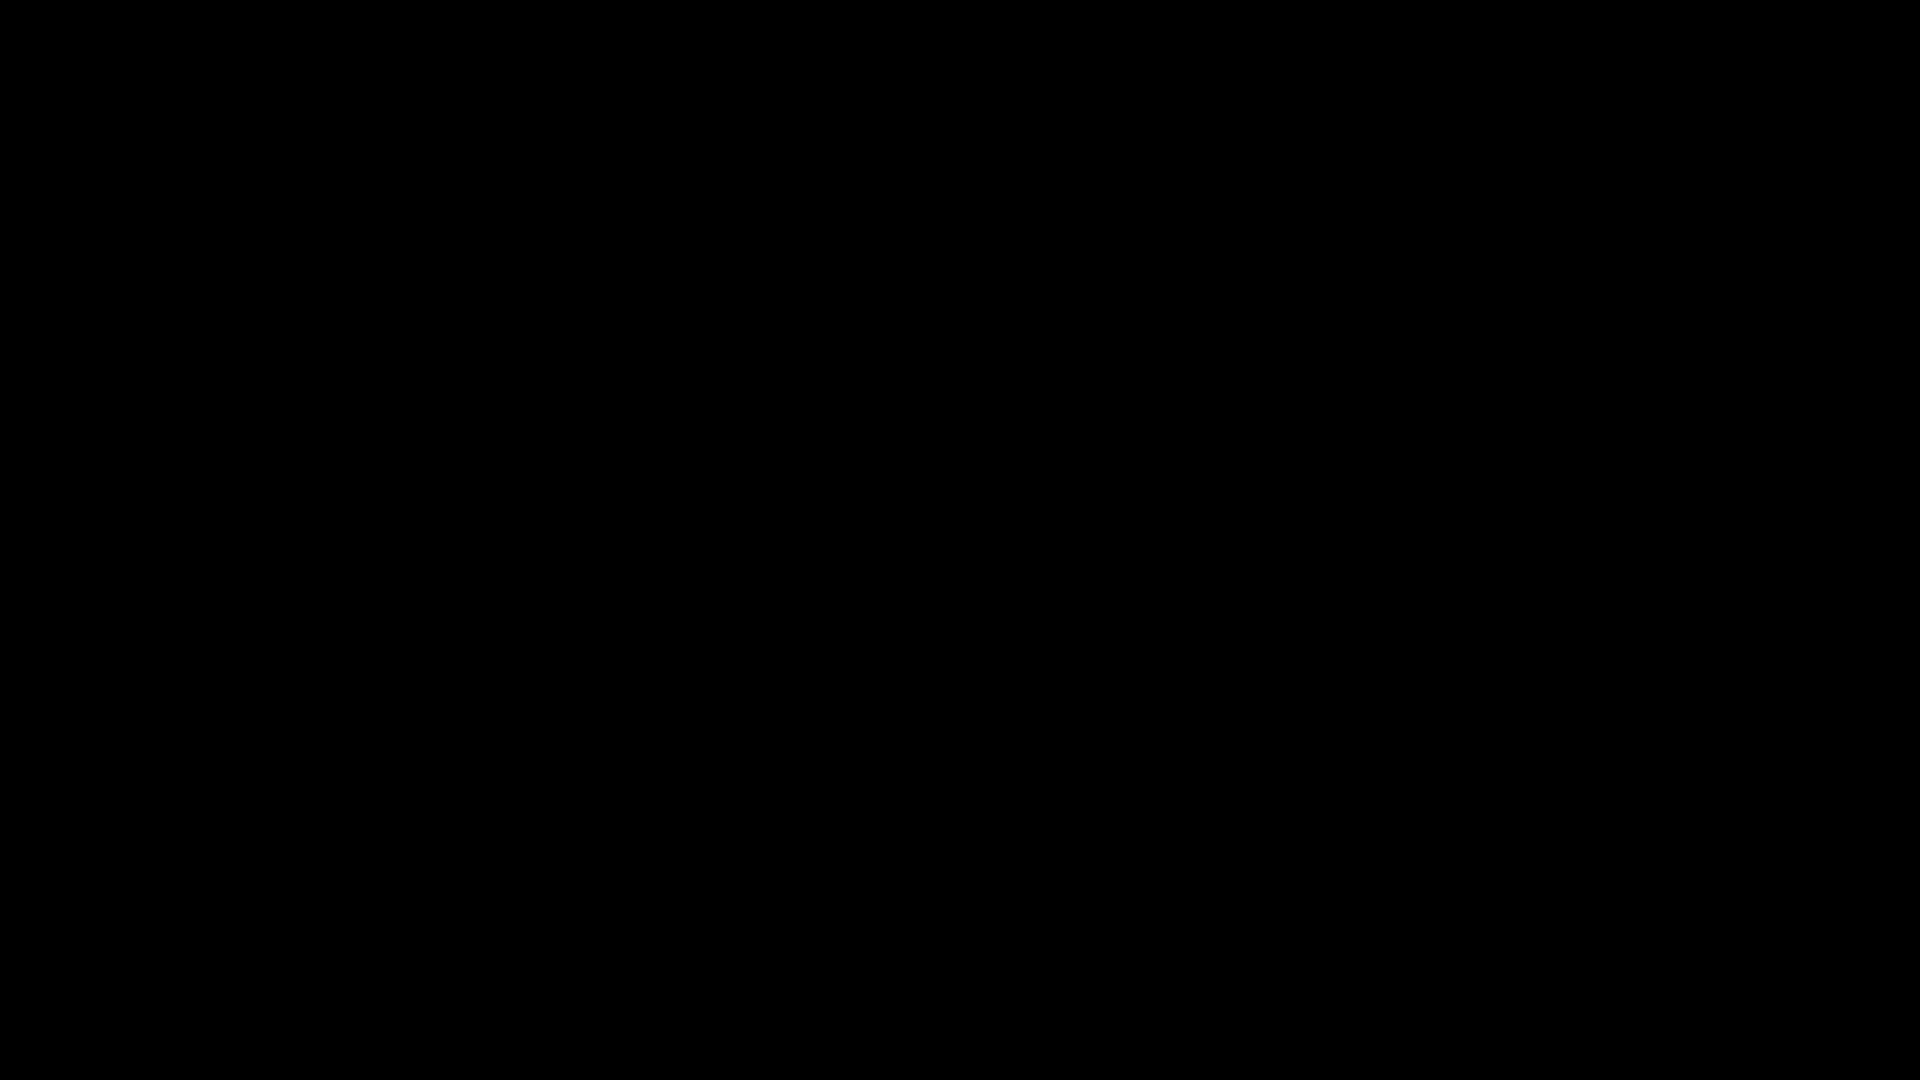 Özel logo 280gsm yüksek kaliteli düz beyaz kazak tişörtü boy boş hoodies erkekler için